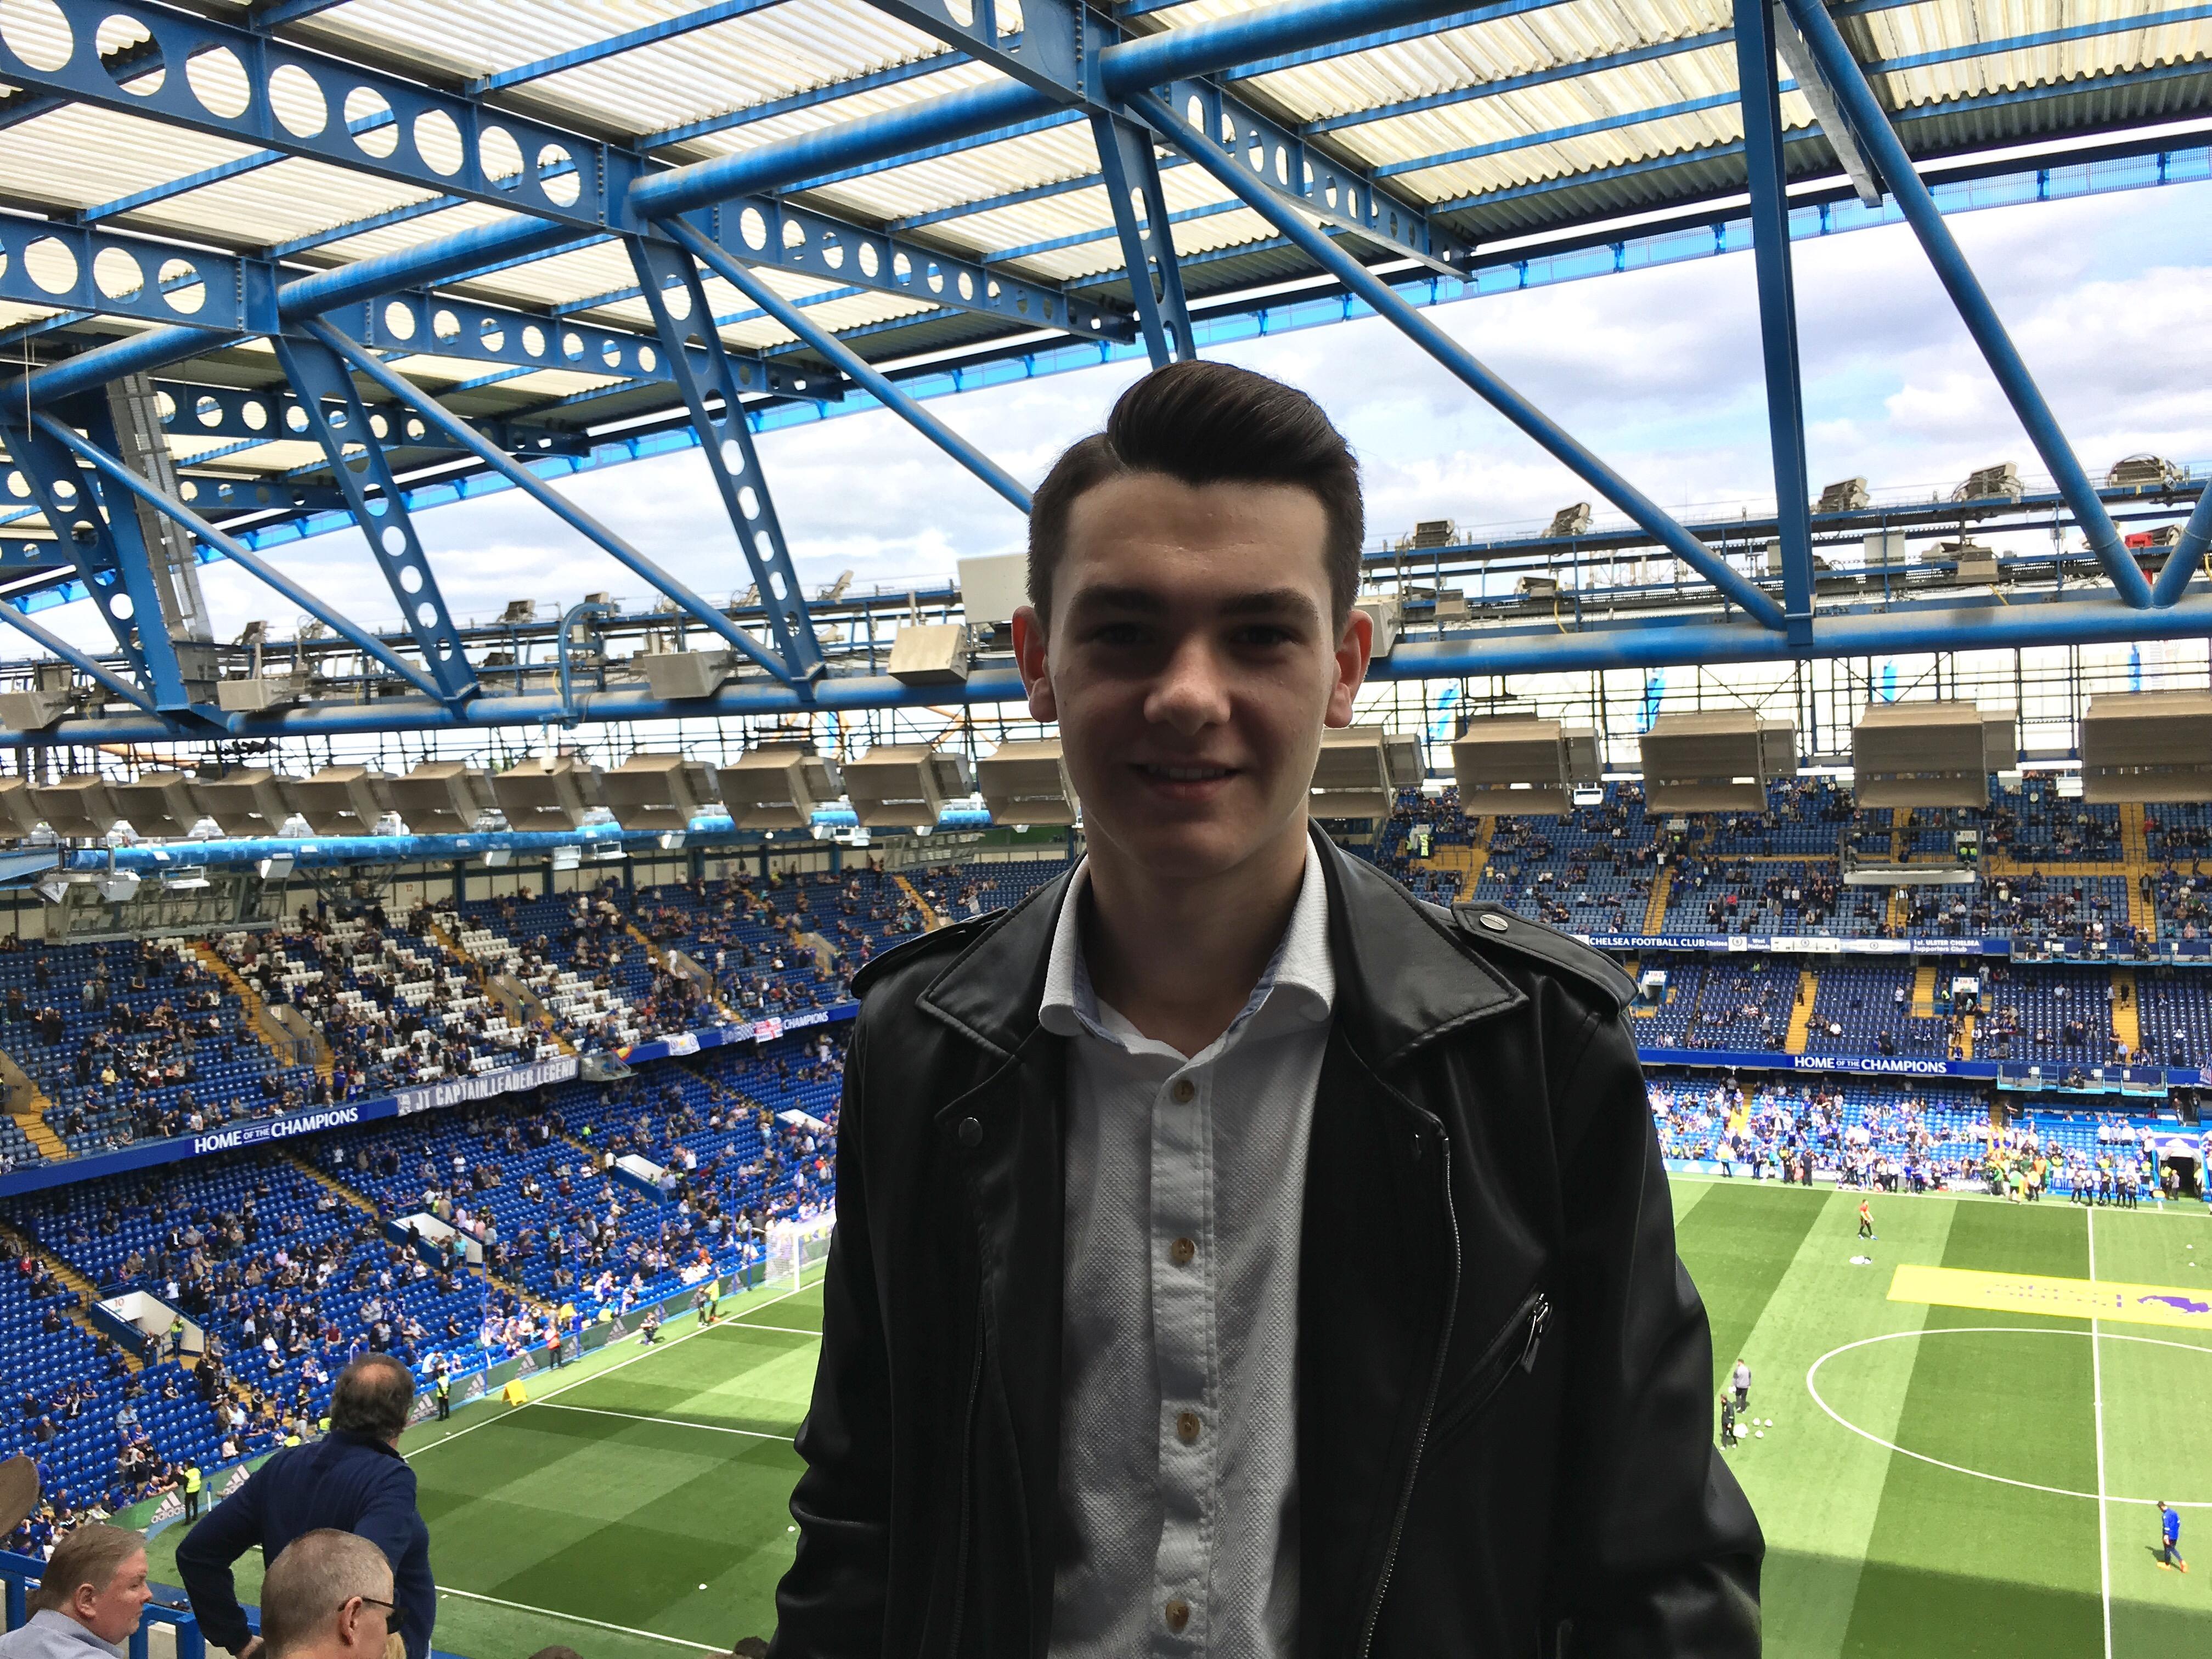 Ben has been enjoying trips to Stamford Bridge to watch Chelsea FC. Credit: Ben Towers